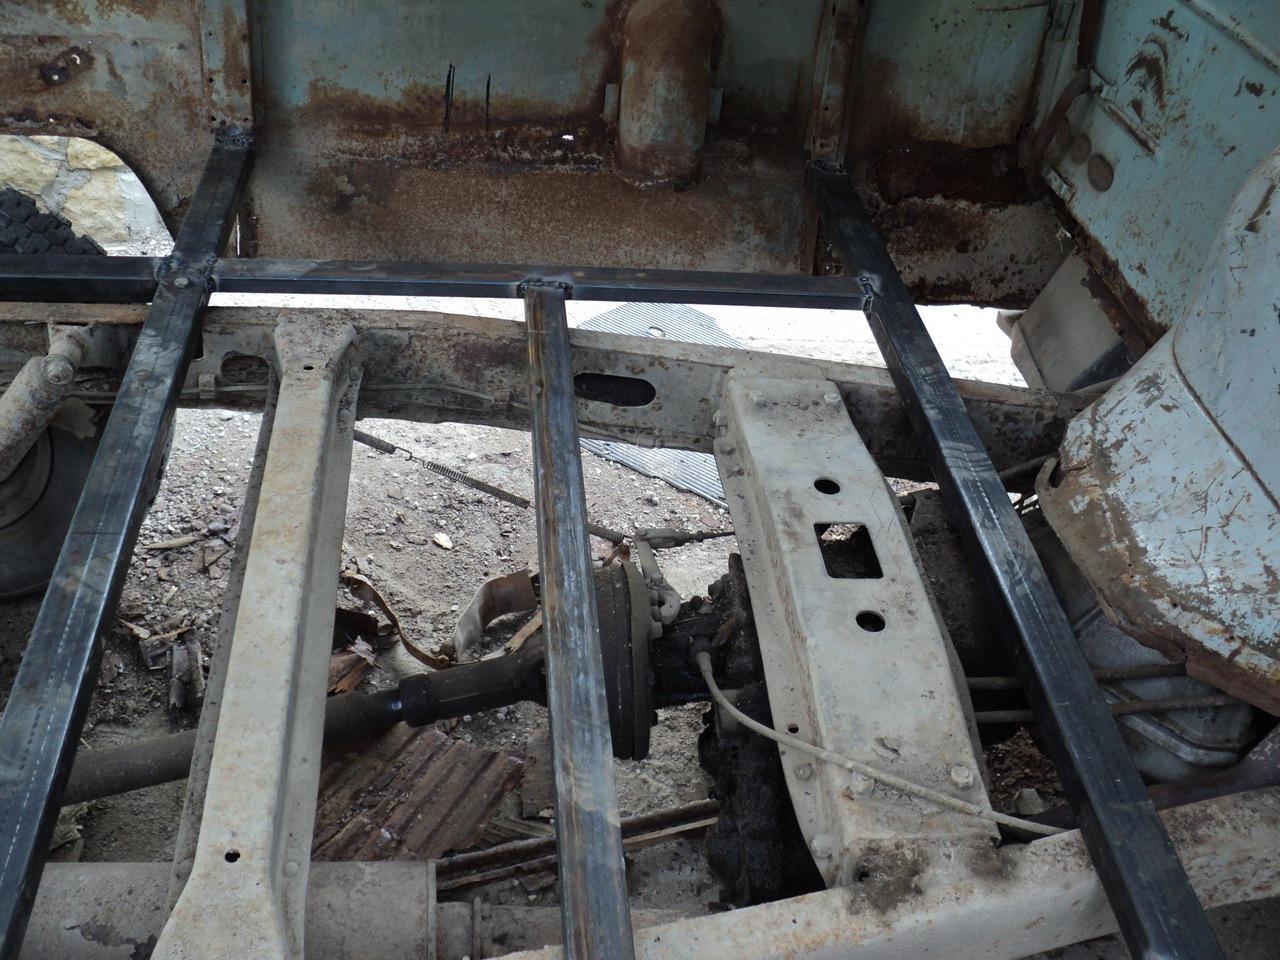 Руководство по ремонту и эксплуатации уаз 469 скачать